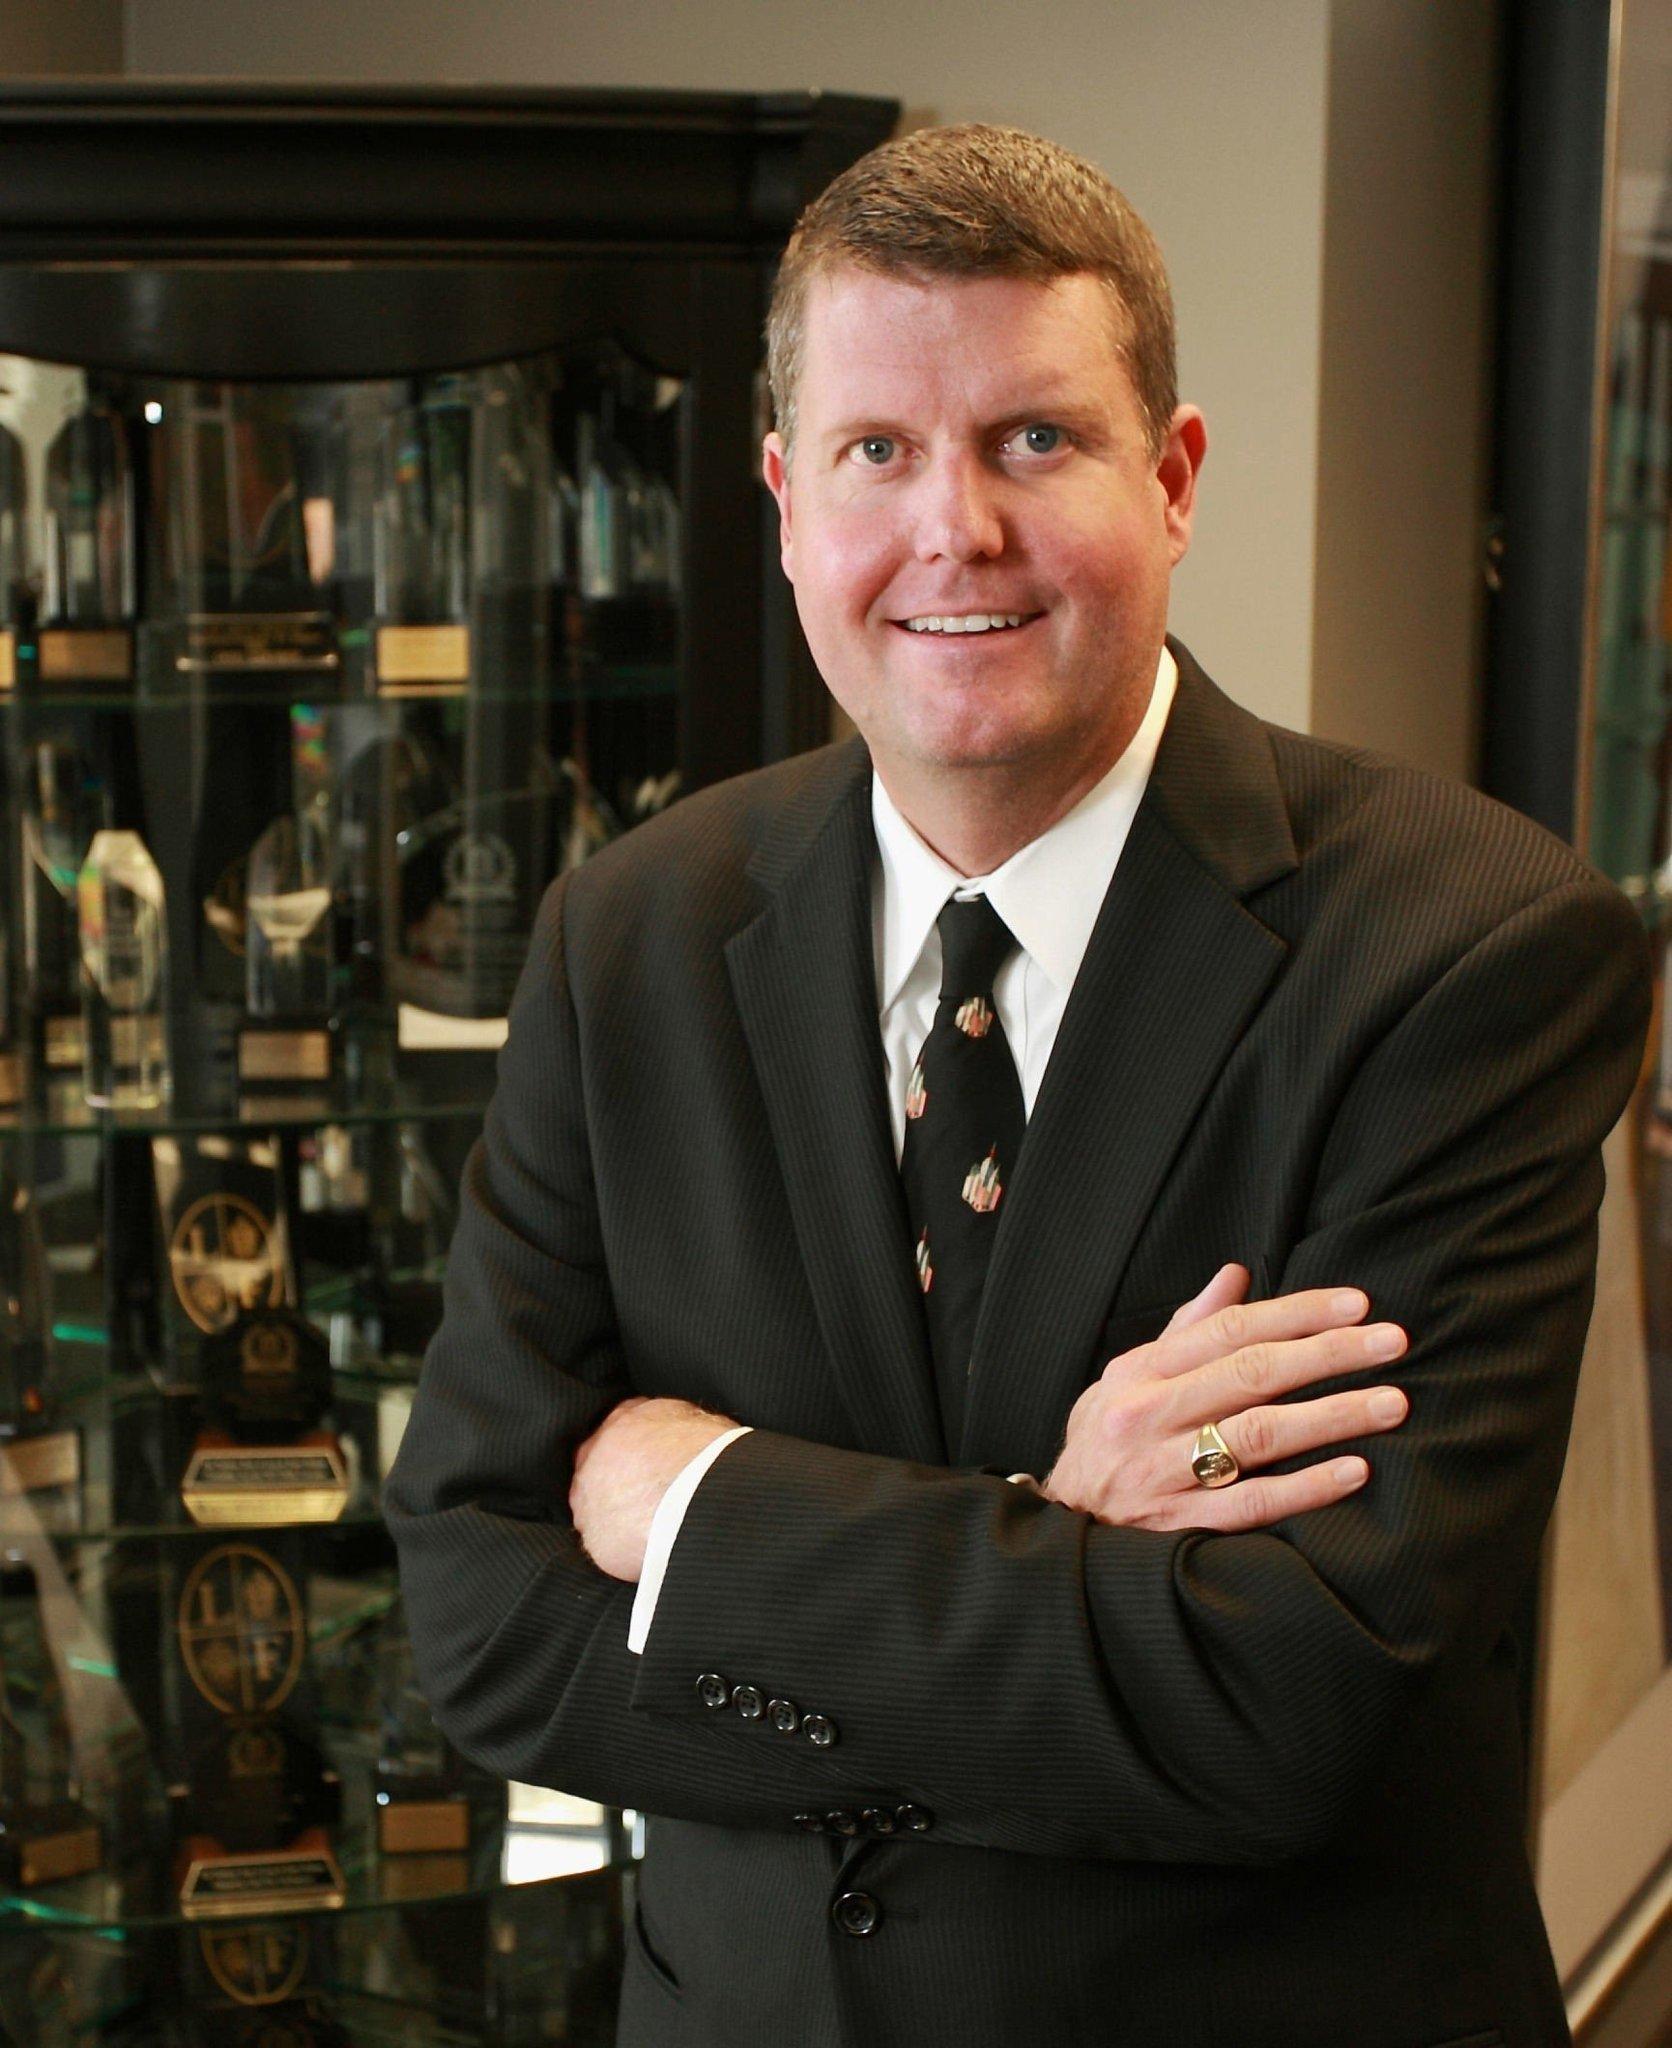 Long & Foster's Creig Northrop Team tops nation in sales volume